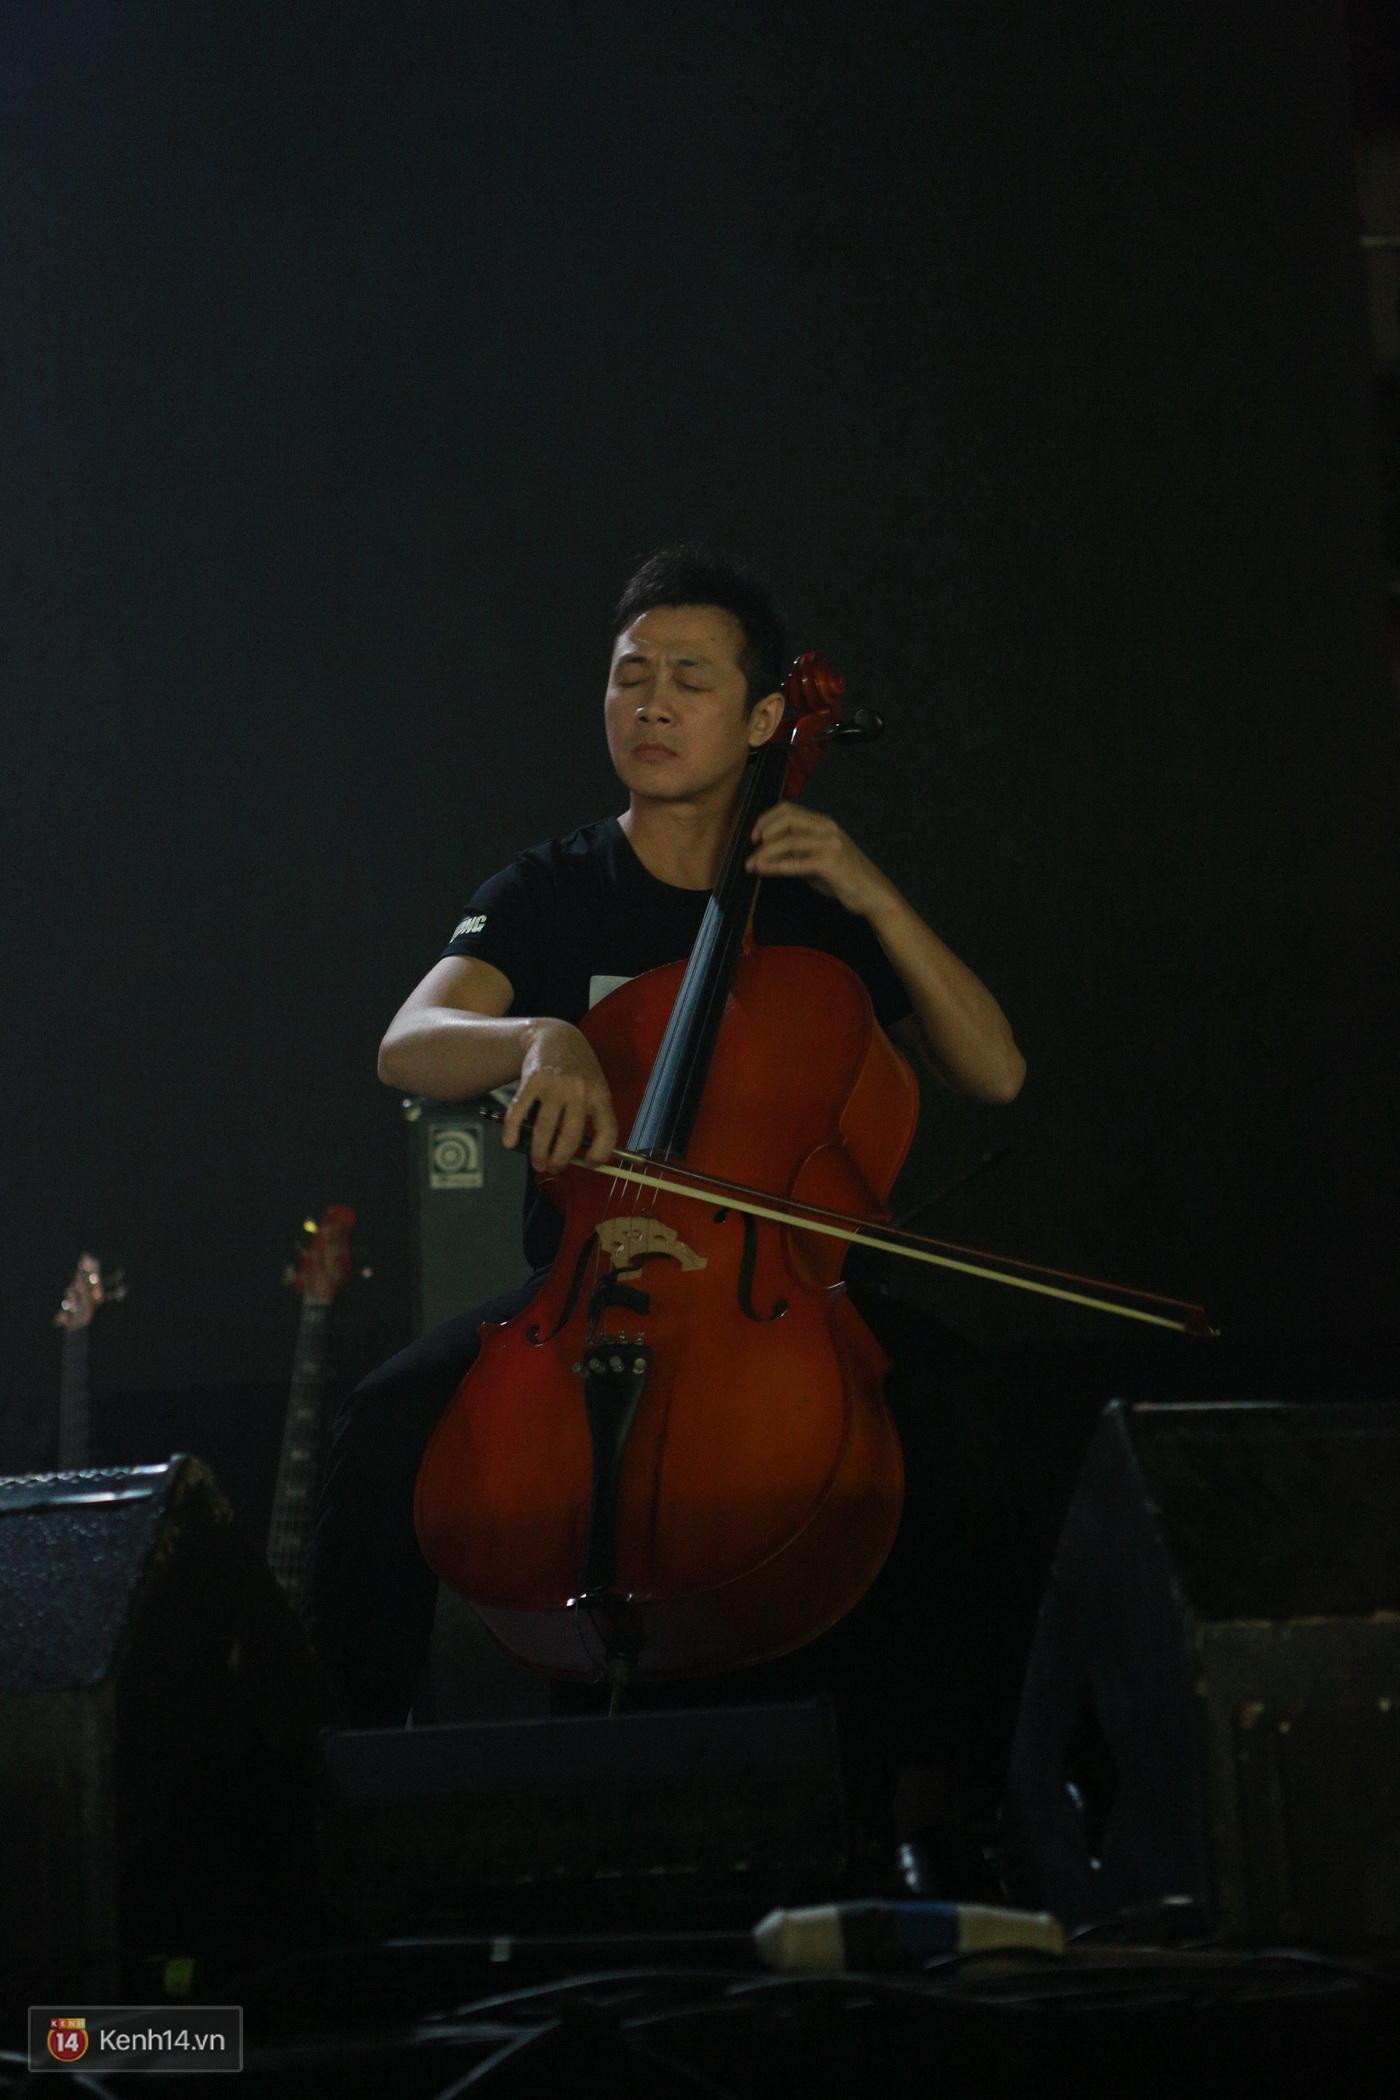 Vợ Trần Lập nghẹn ngào khi giọng chồng cất lên trong ca khúc Mắt đen - Ảnh 23.